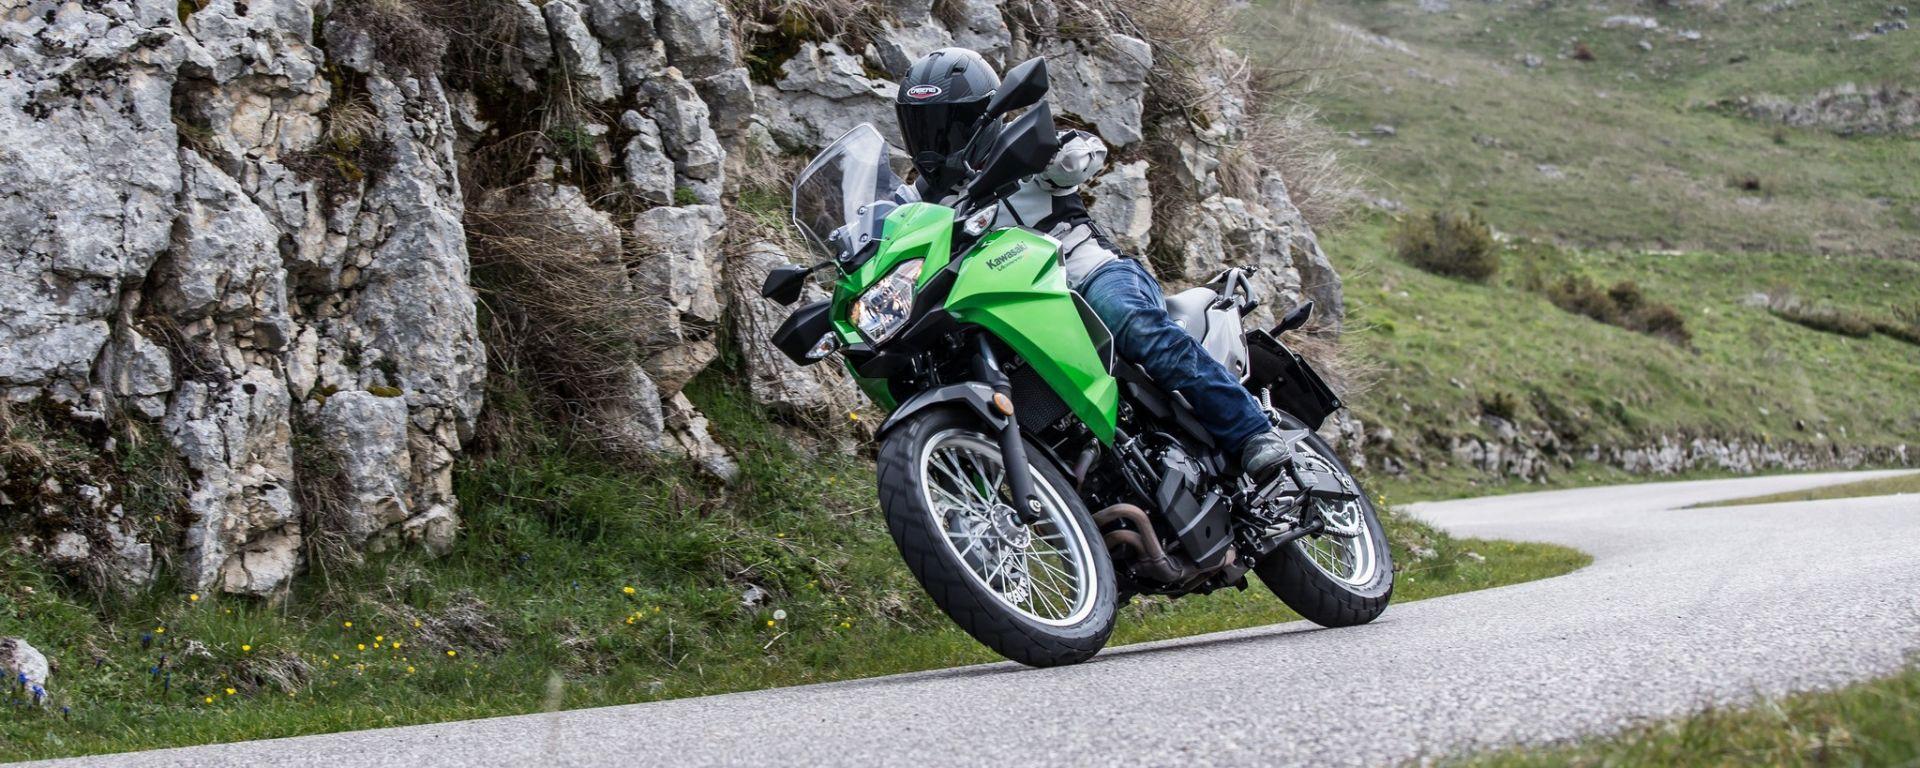 Kawasaki Versys-X 300: prova, caratteristiche e prezzi